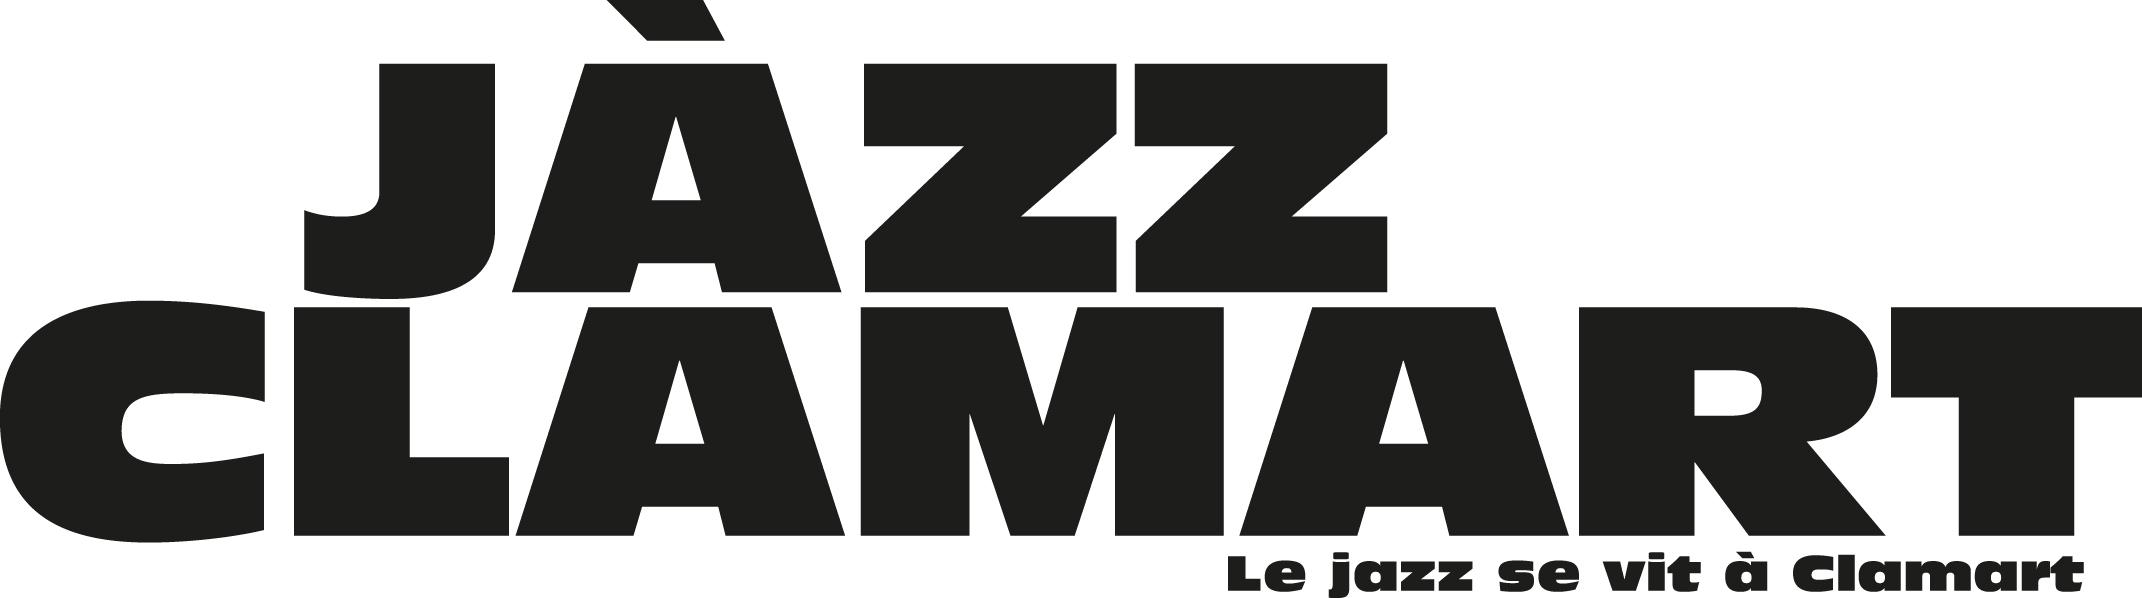 logo jazz 2016 NOIR